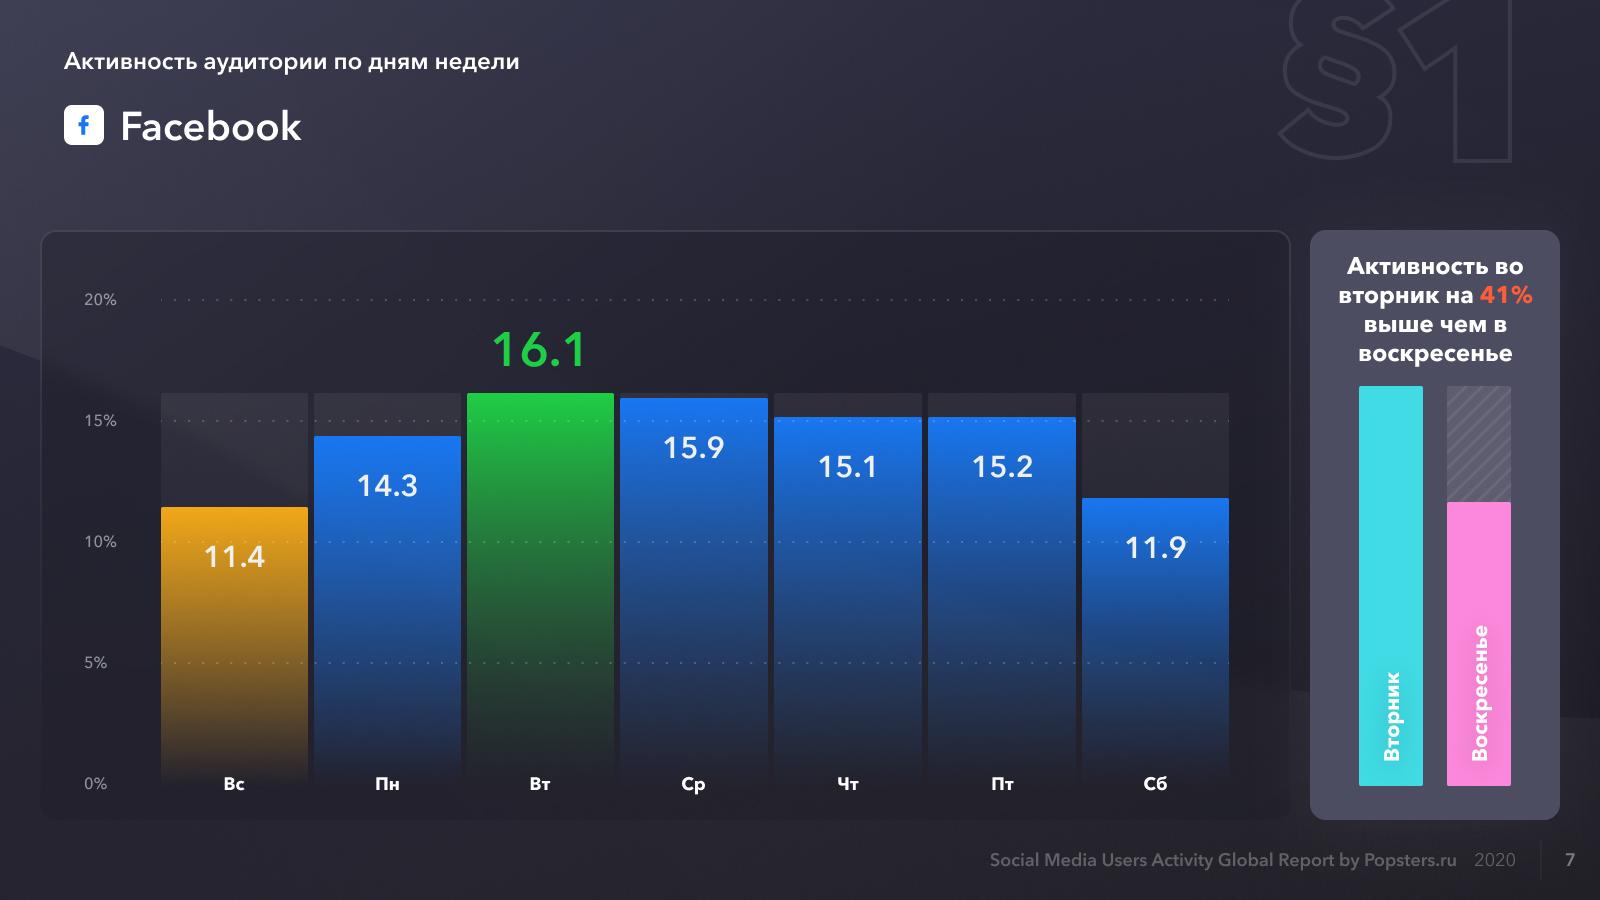 Относительная активность пользователей в Facebook по дням недели, на 2020 год